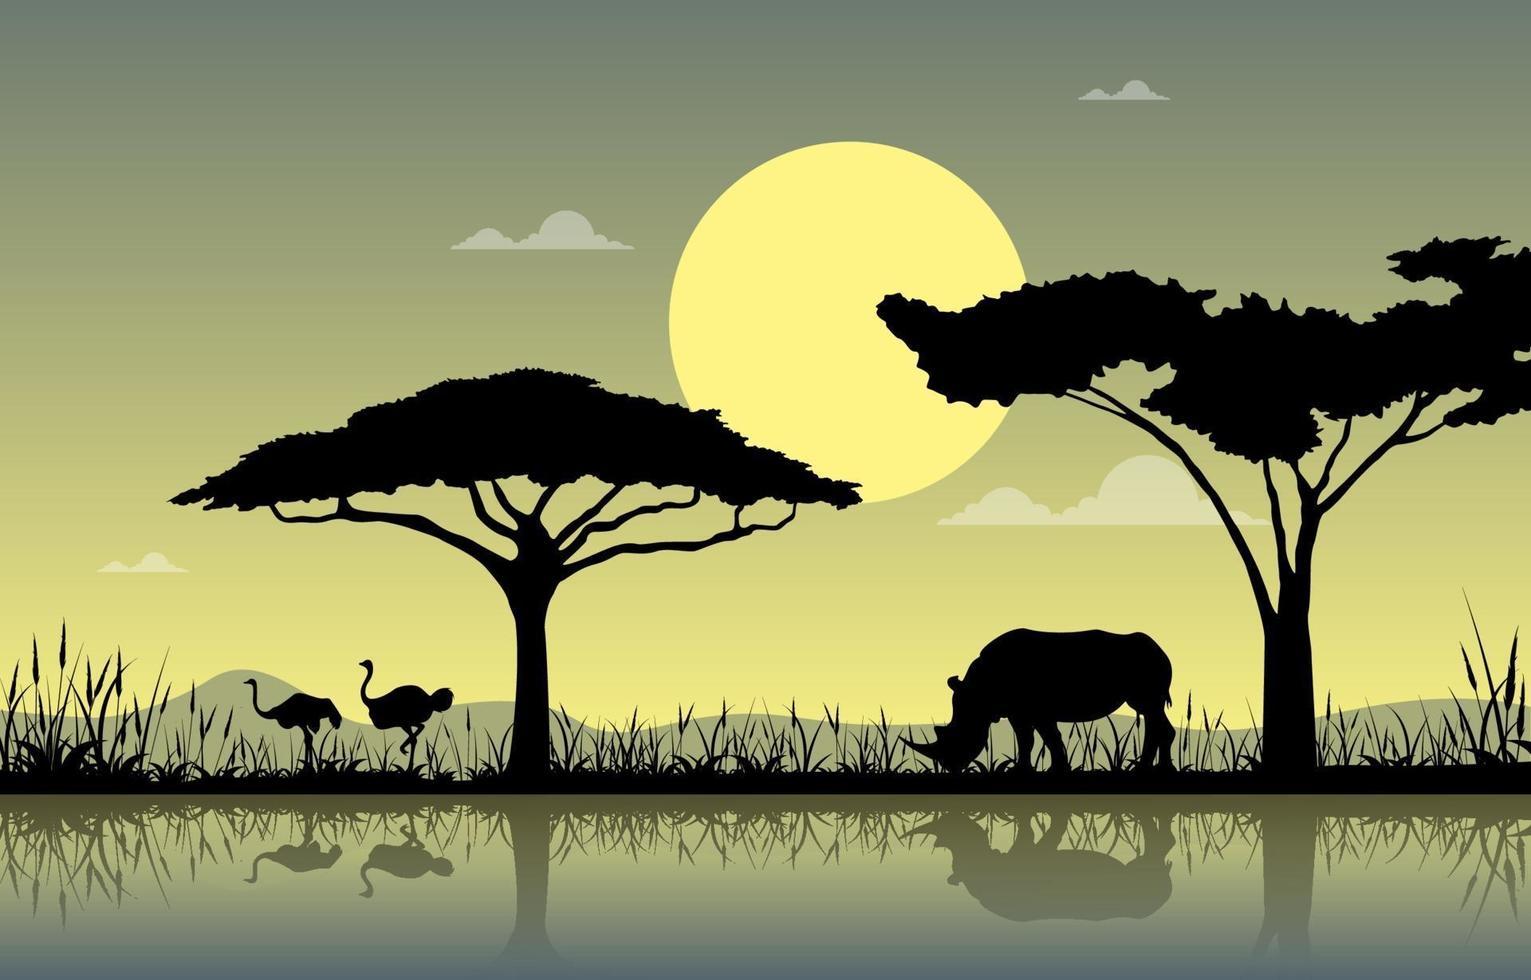 avestruces y rinocerontes en el oasis en la sabana africana paisaje ilustración vector